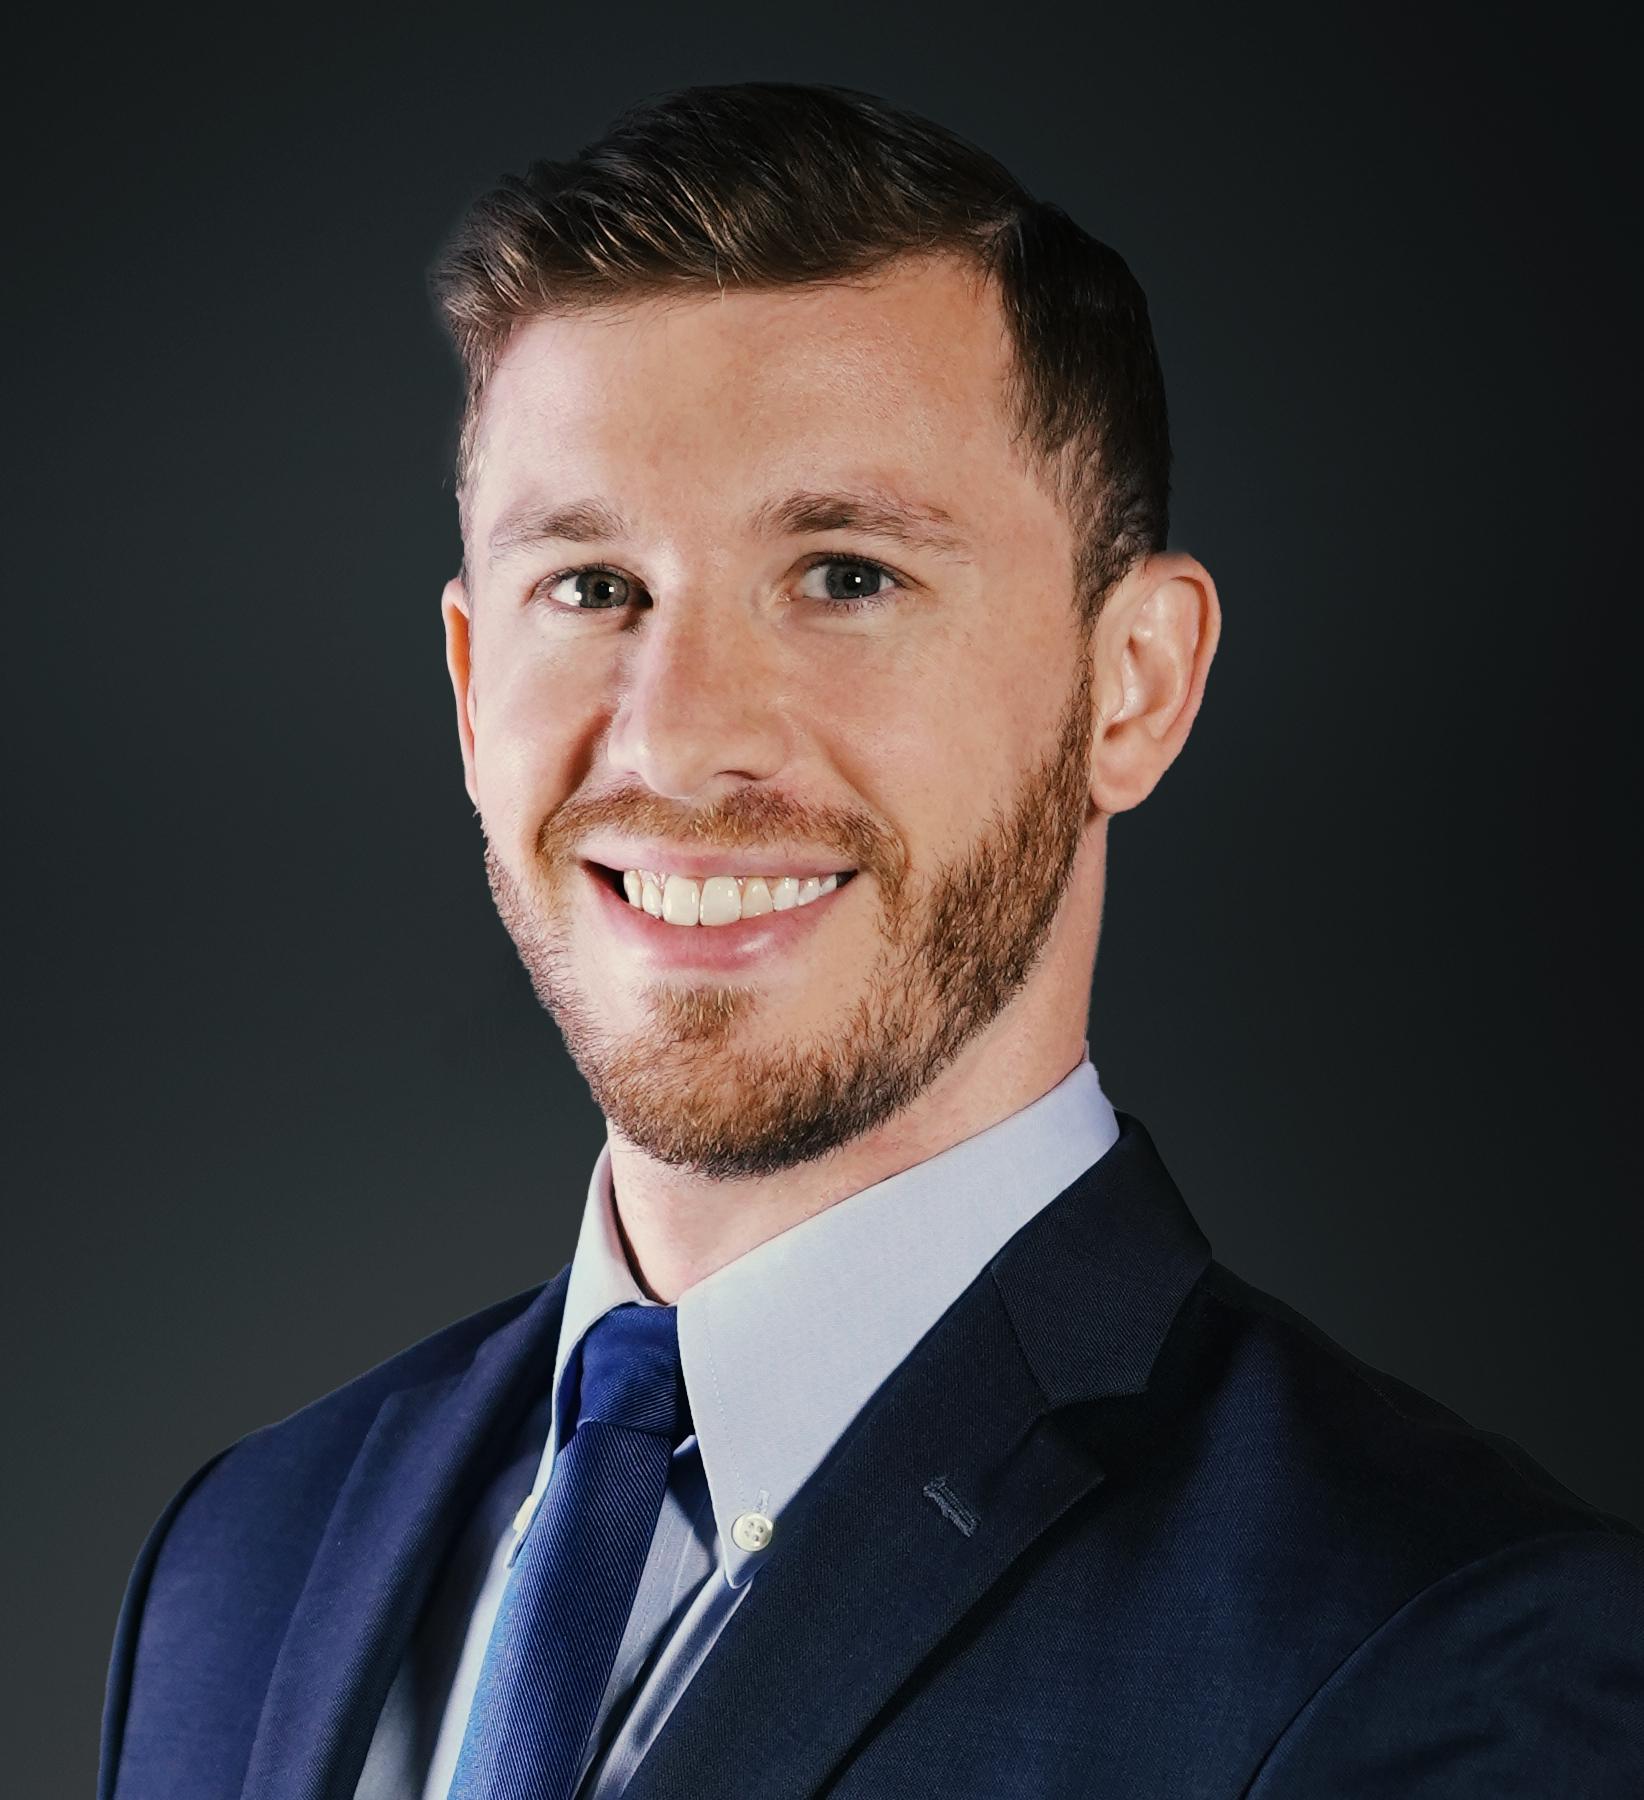 Dan Starr Headshot | Dakota Investments